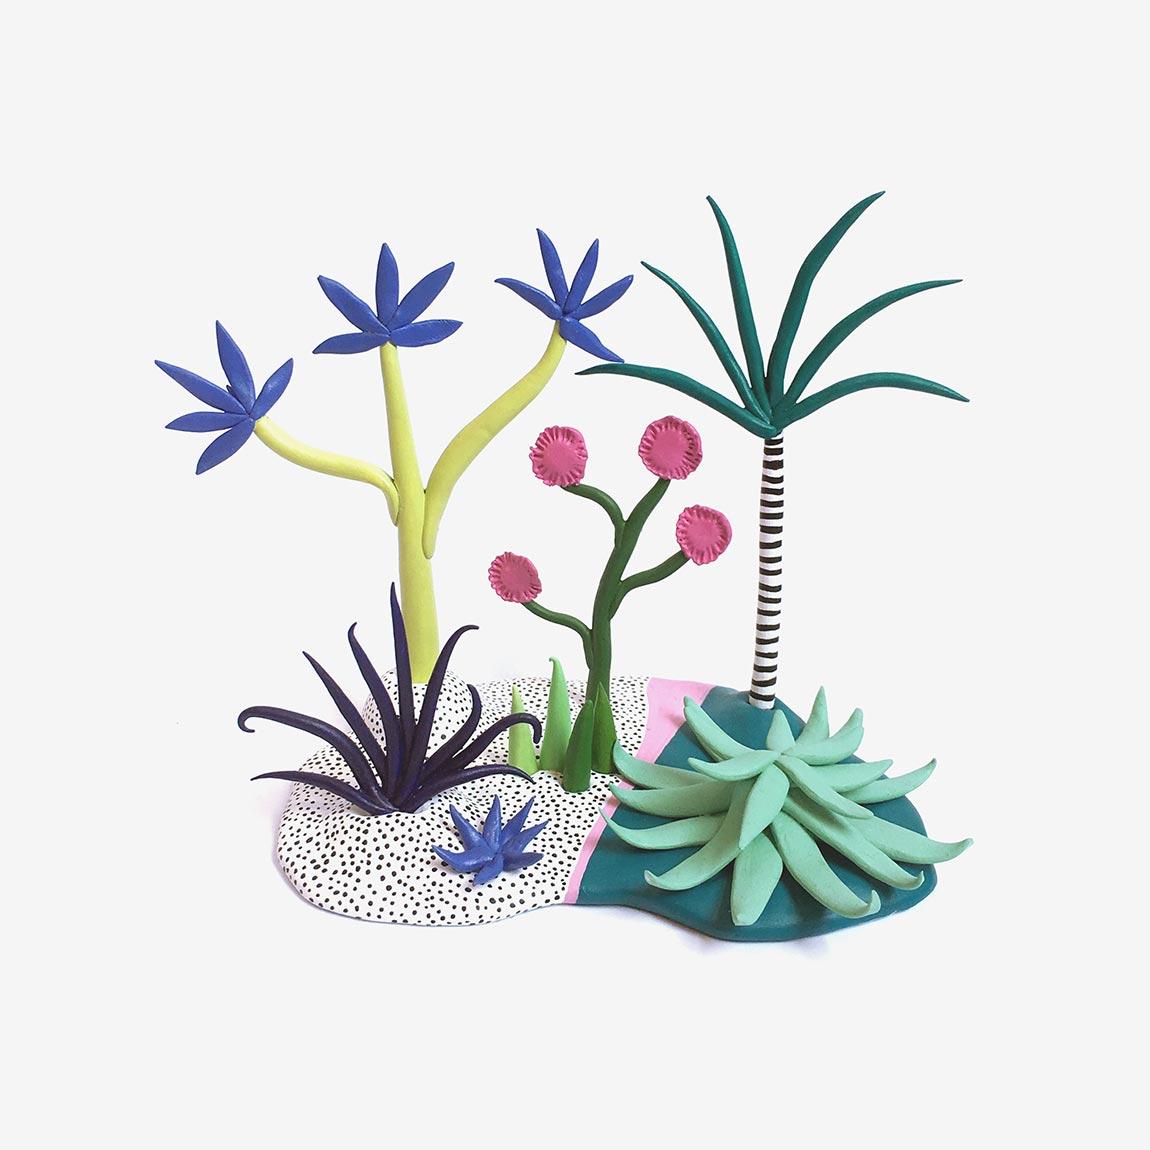 Необычные растения из полимерной глины - Фото 9